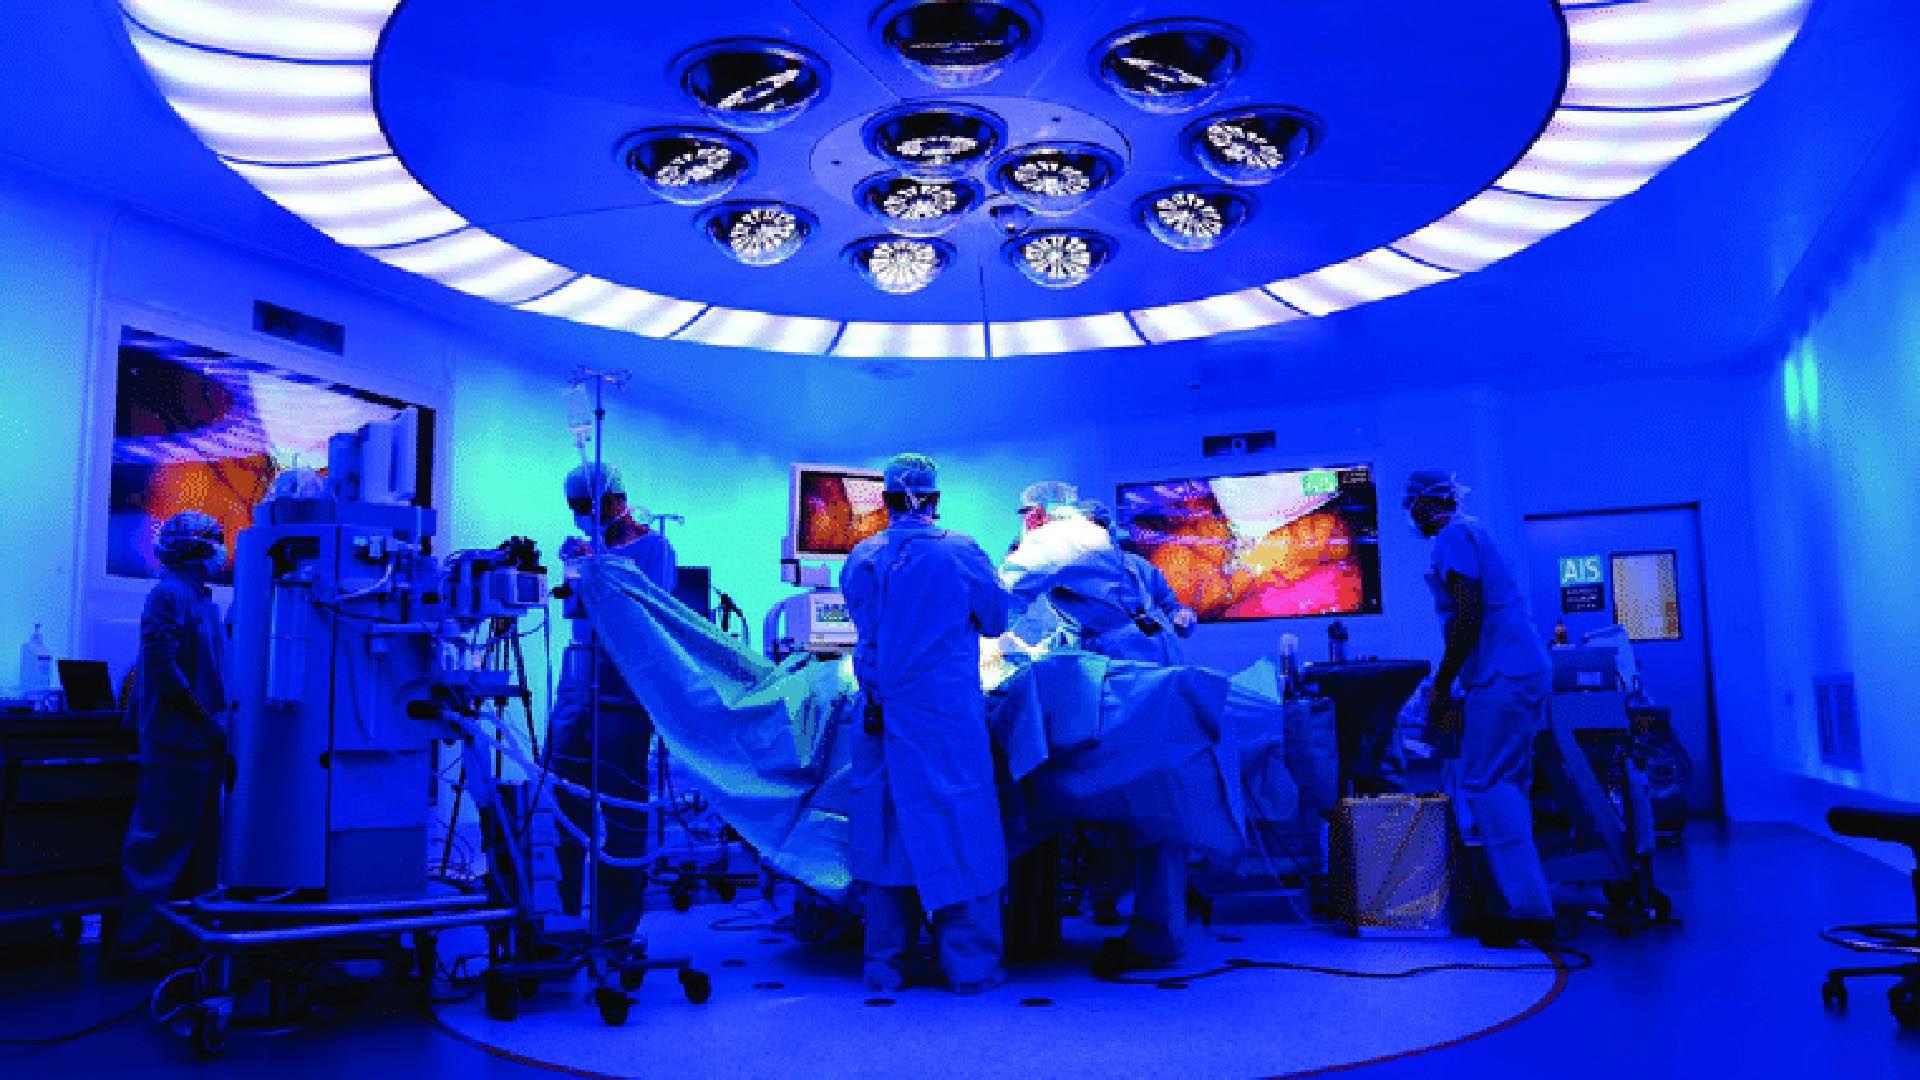 """El proyecto llamado """"Cirujano a distancia 5G"""" que se mostró en el Congreso de Móviles en 2019"""